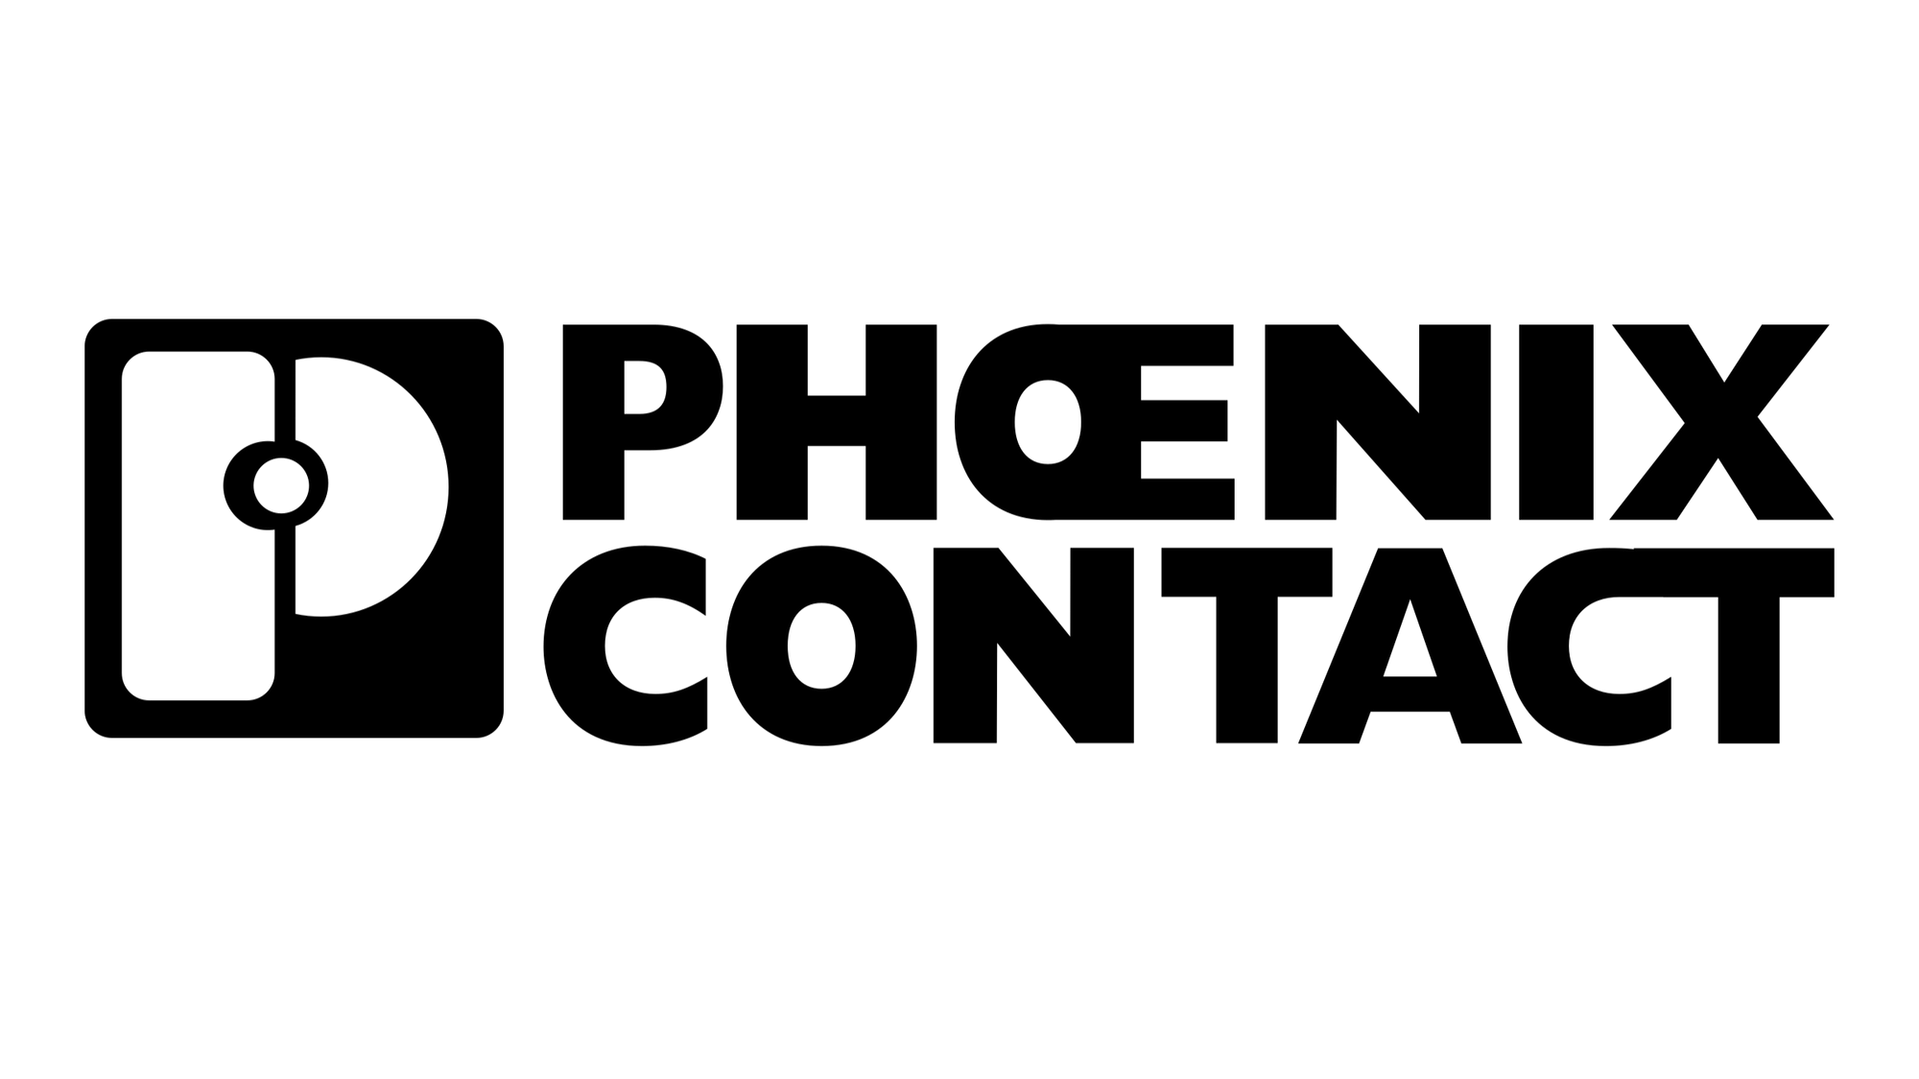 phoenix-contact-logo-png-transparent_edi